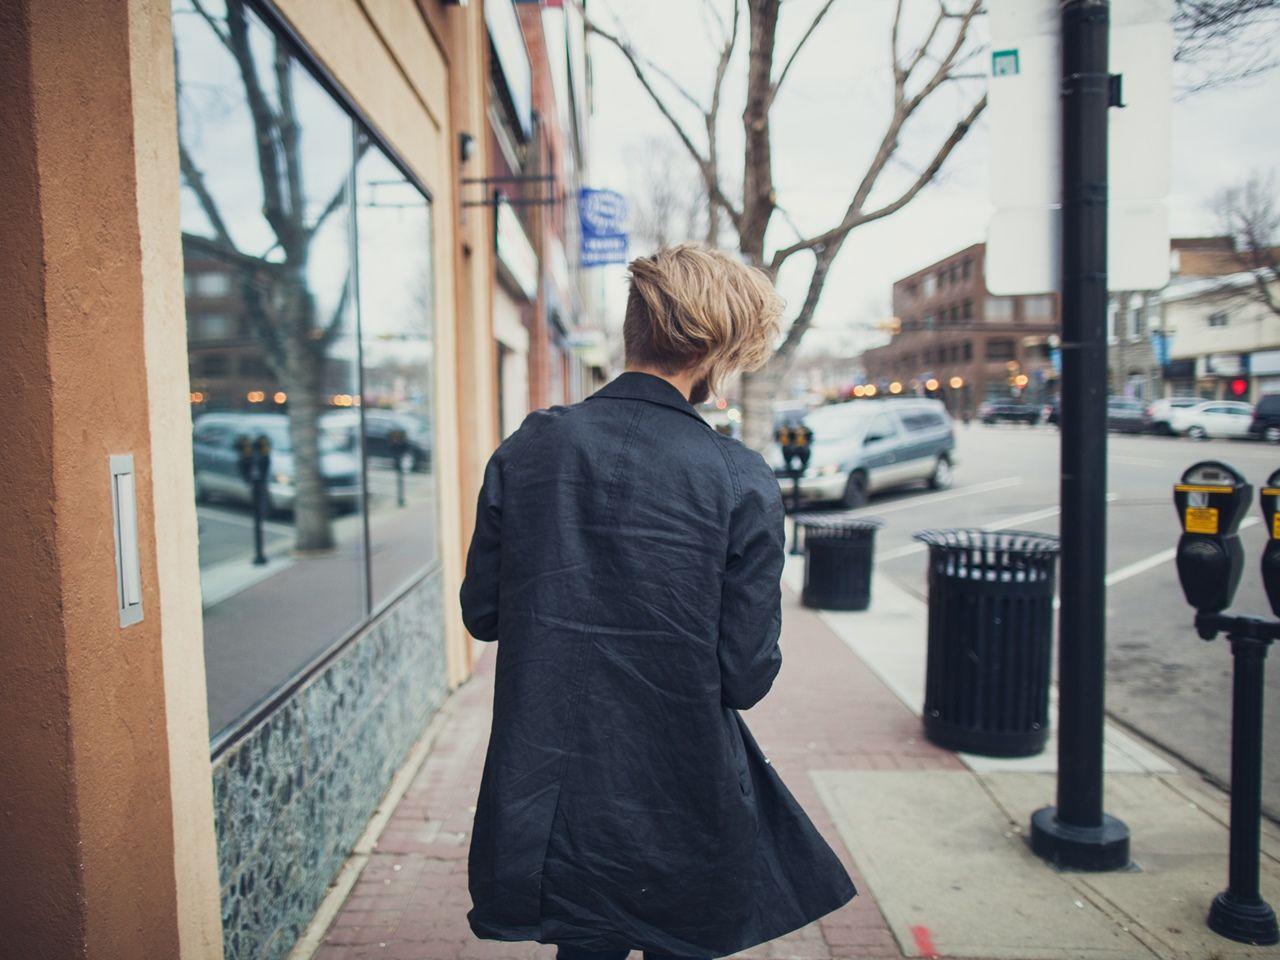 2ab8a1a0e8c06 Klasyczny płaszcz męski to doskonały wybór zarówno do garnituru jak i  casualowego zestawu. Wprowadza do stylizacji ogrom elegancji, świetnie  radzi sobie z ...